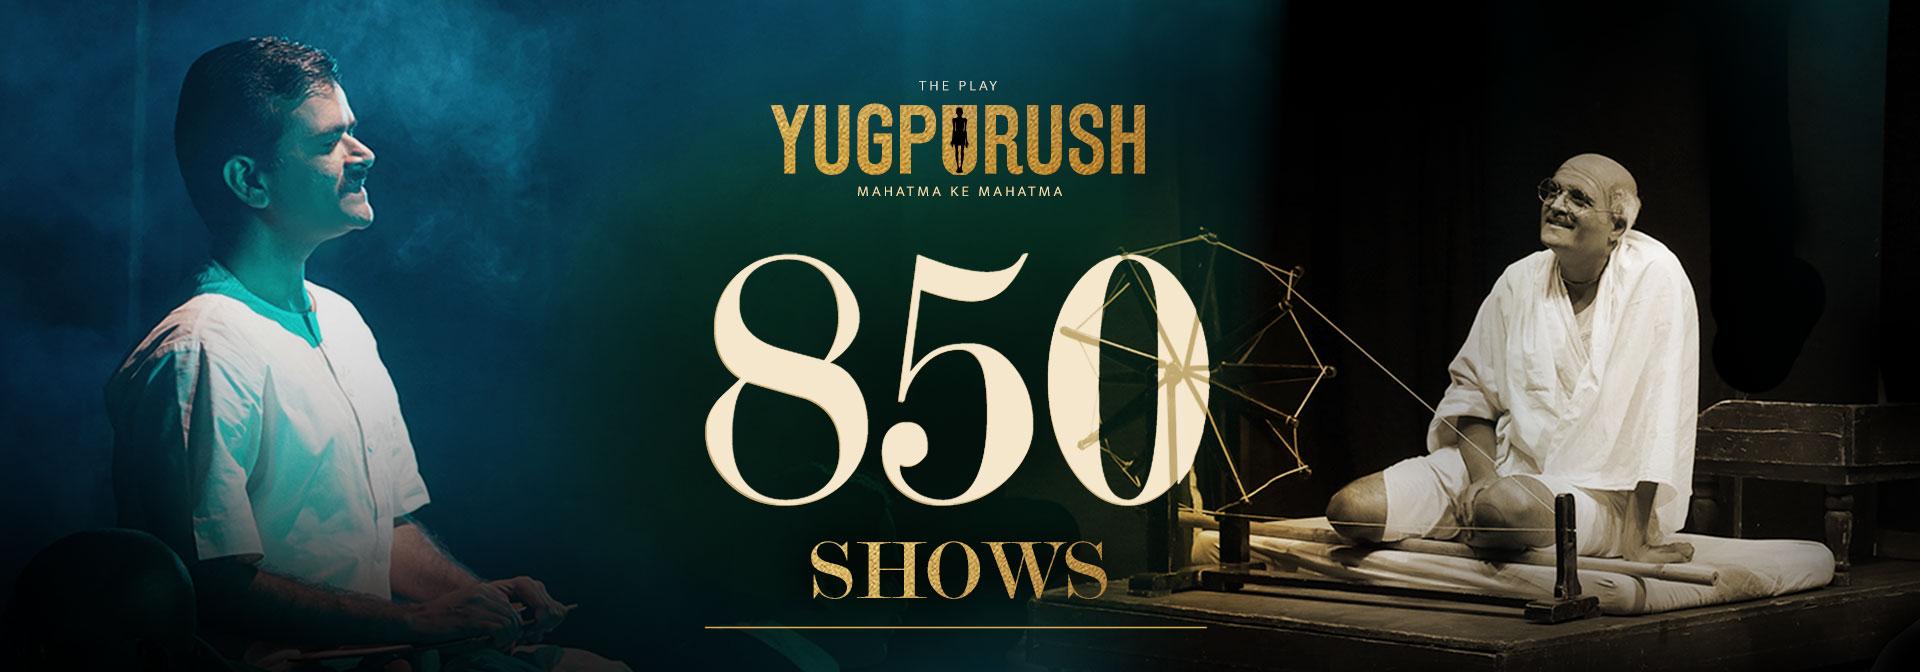 Yugpurush - Winner of Best Play 2017